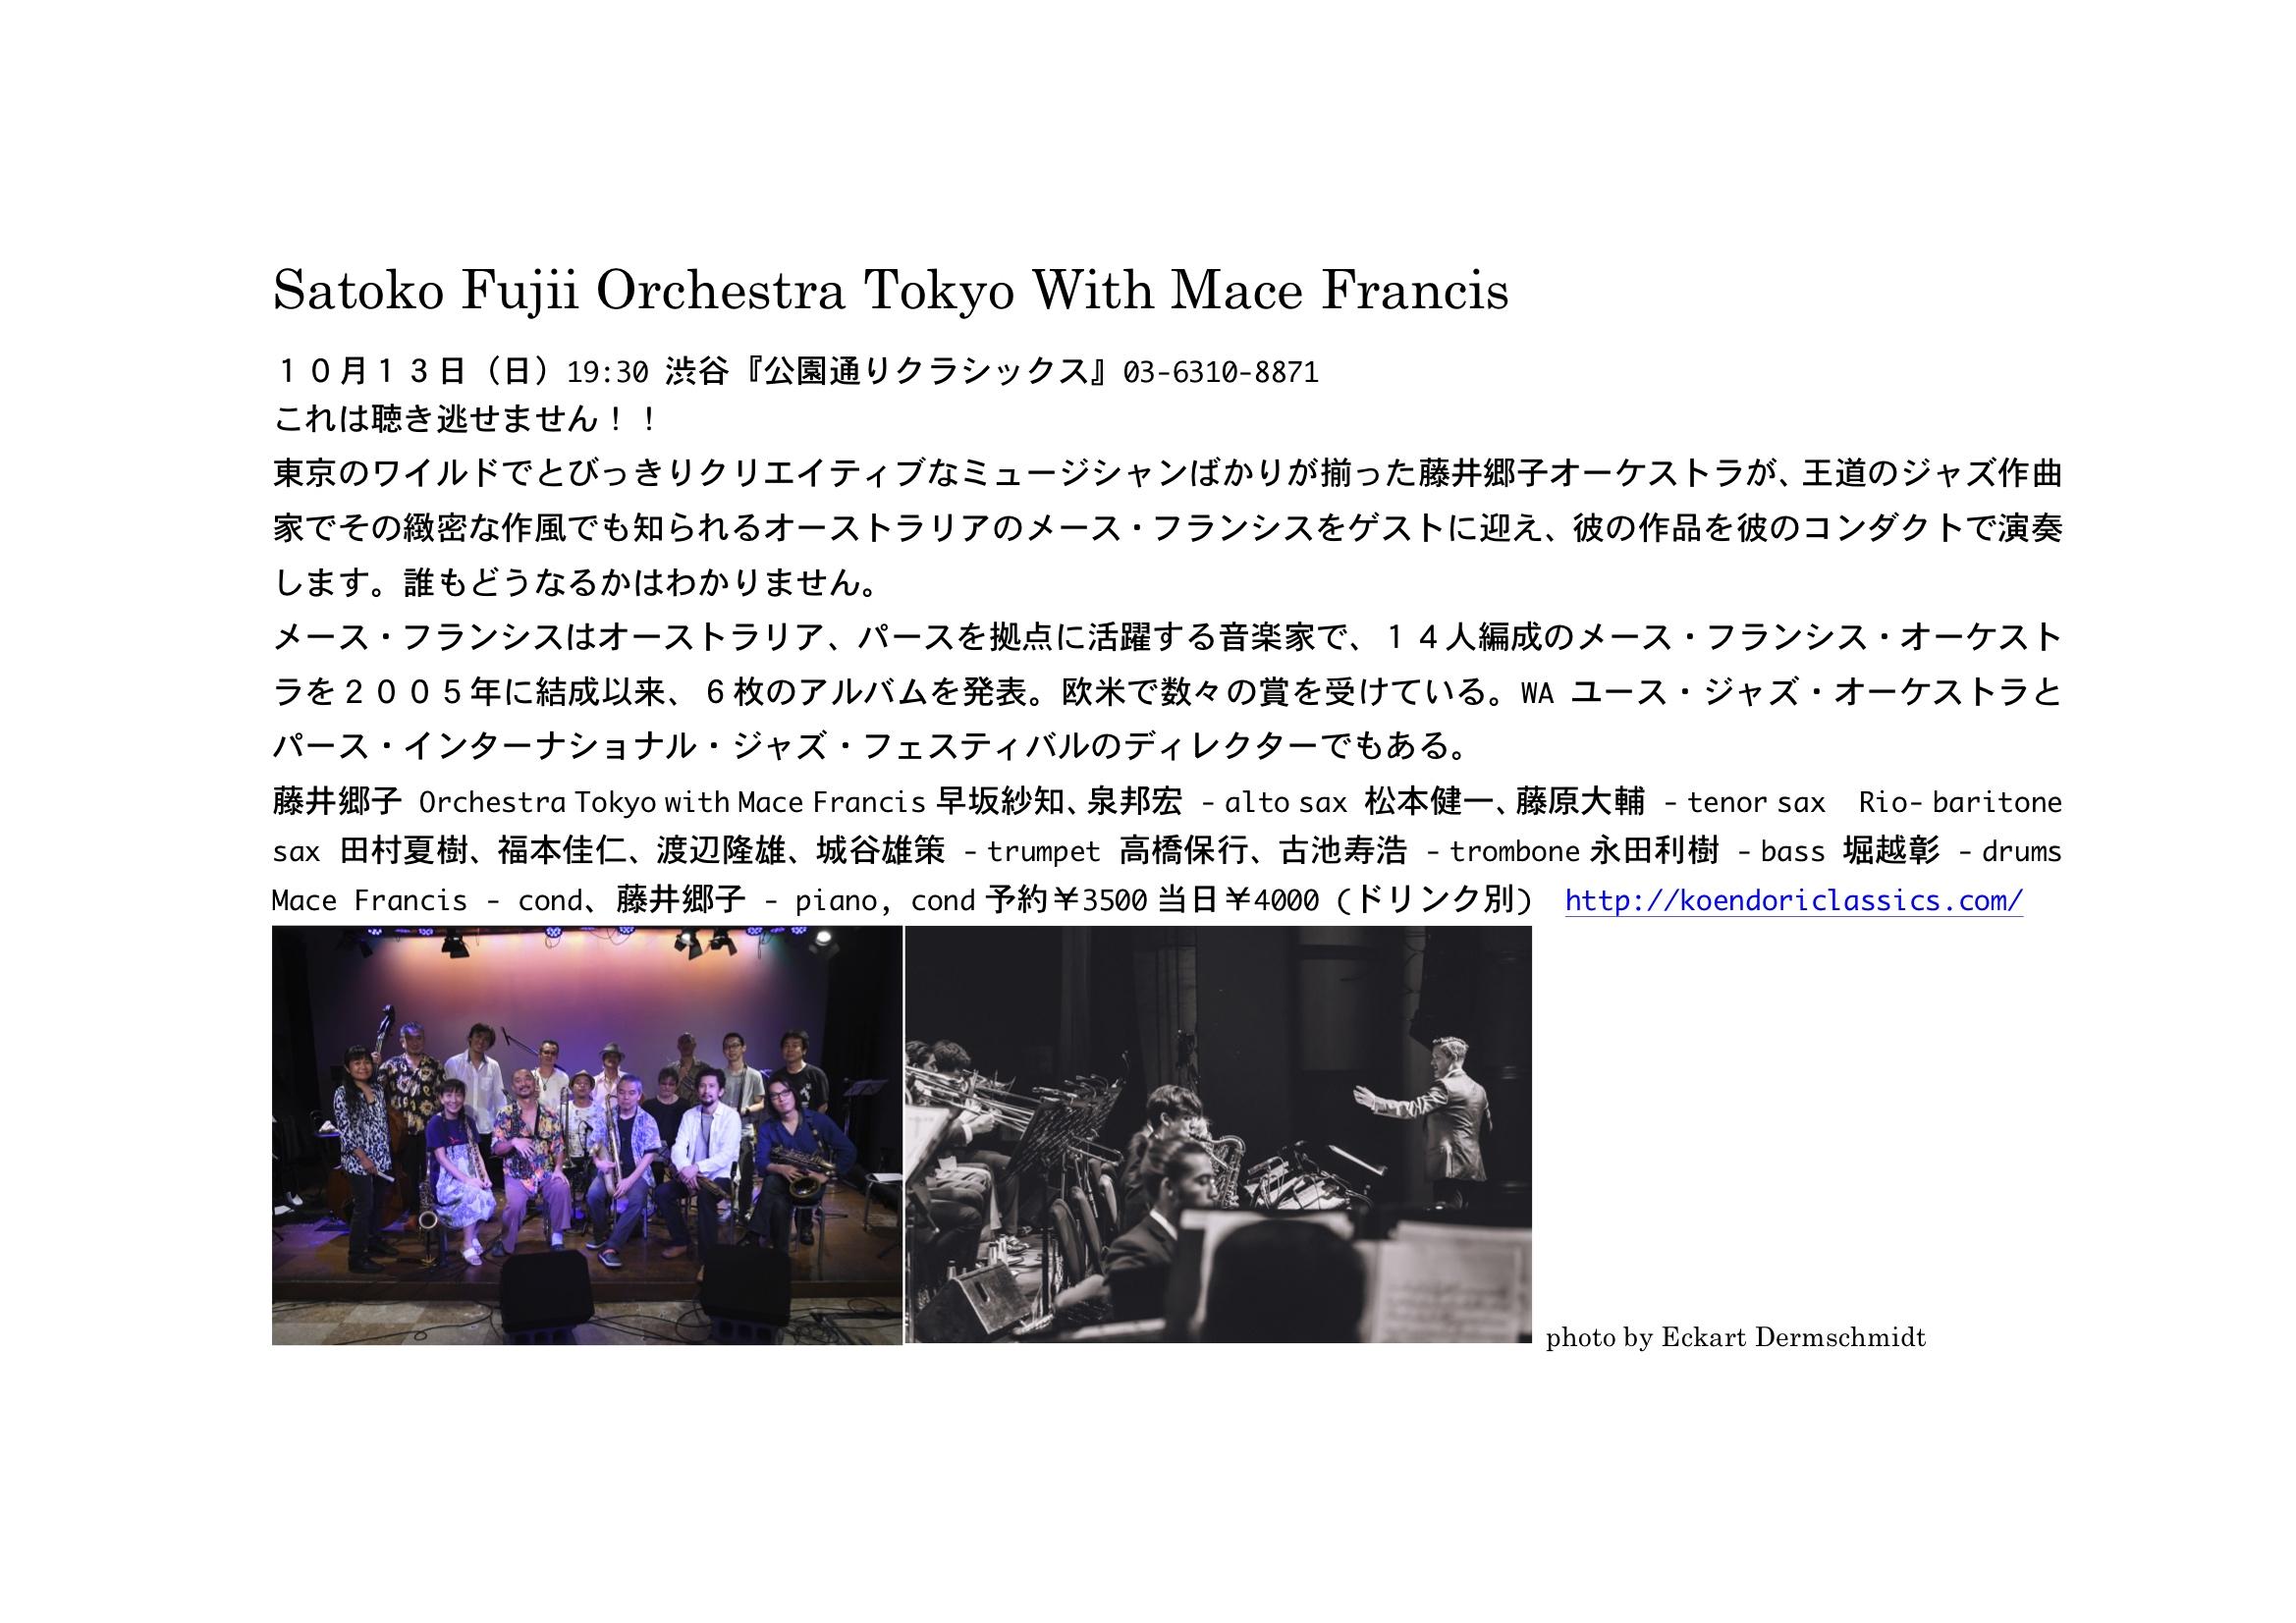 藤井郷子 Orchestra Tokyo with Mace Francis